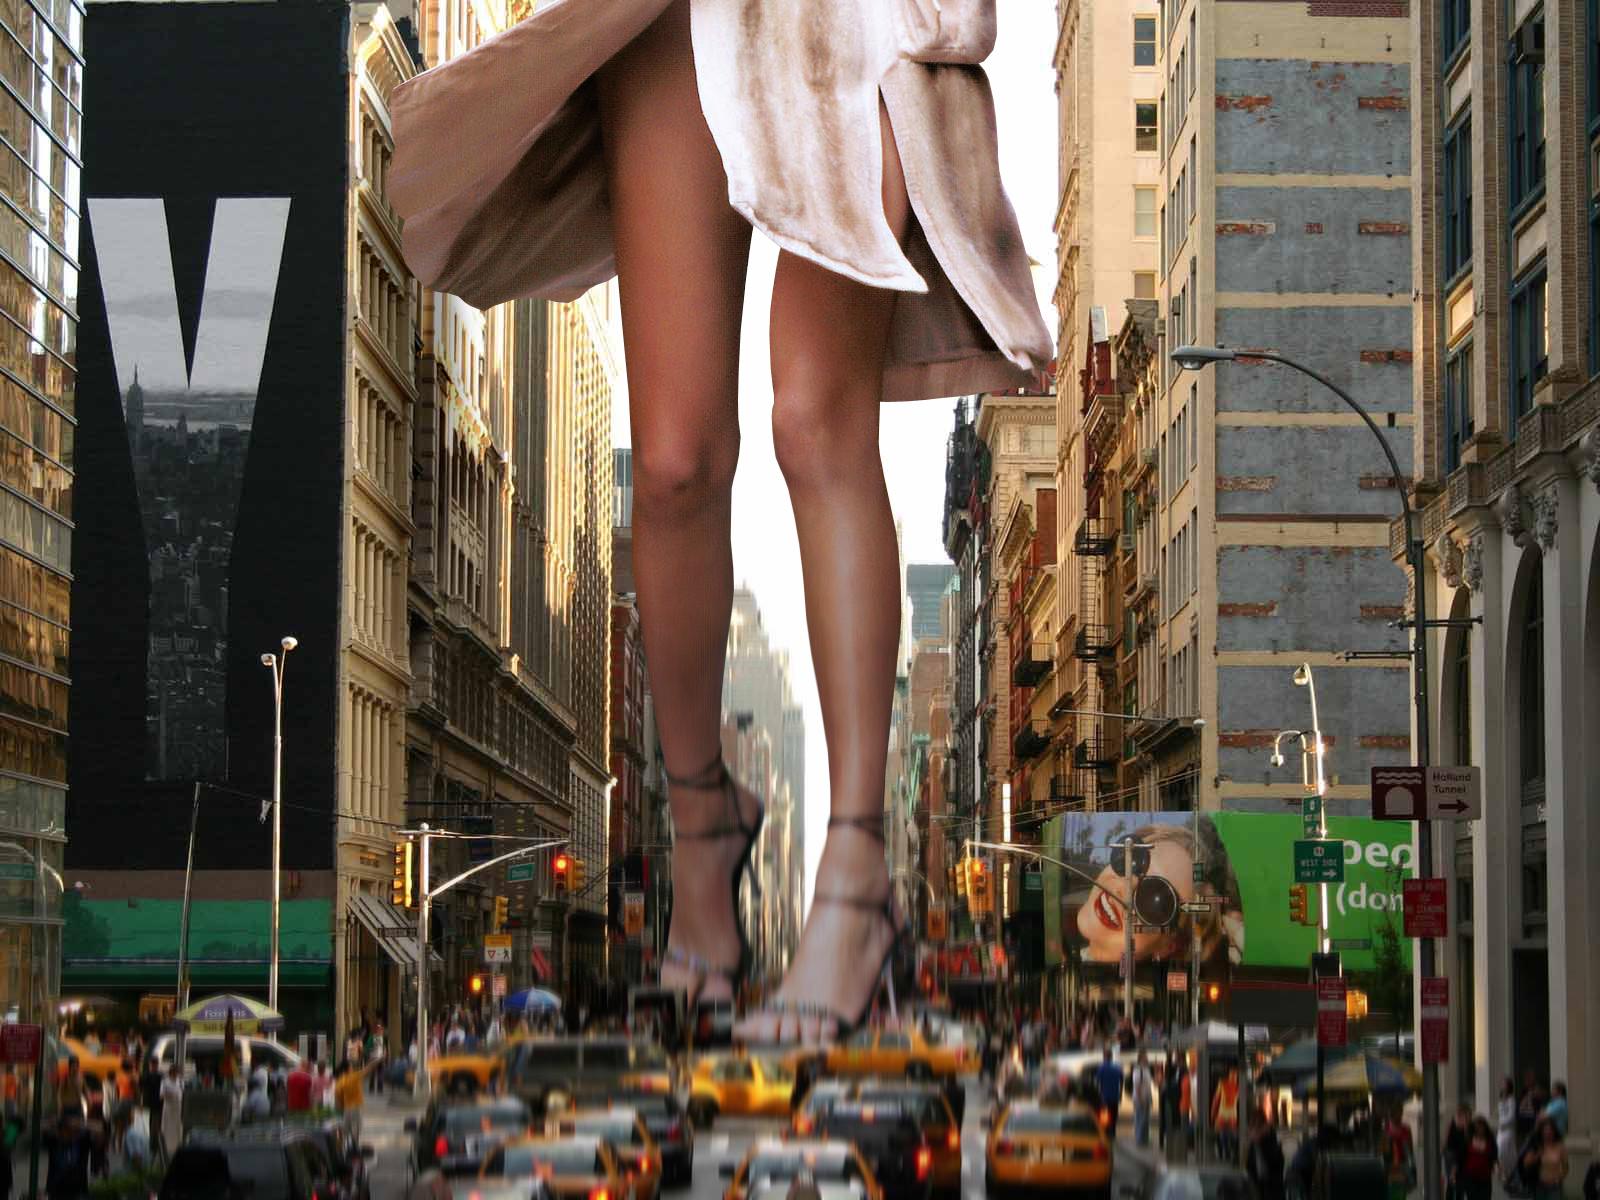 городские самые красивые девушки великаны своей работе зимбардо